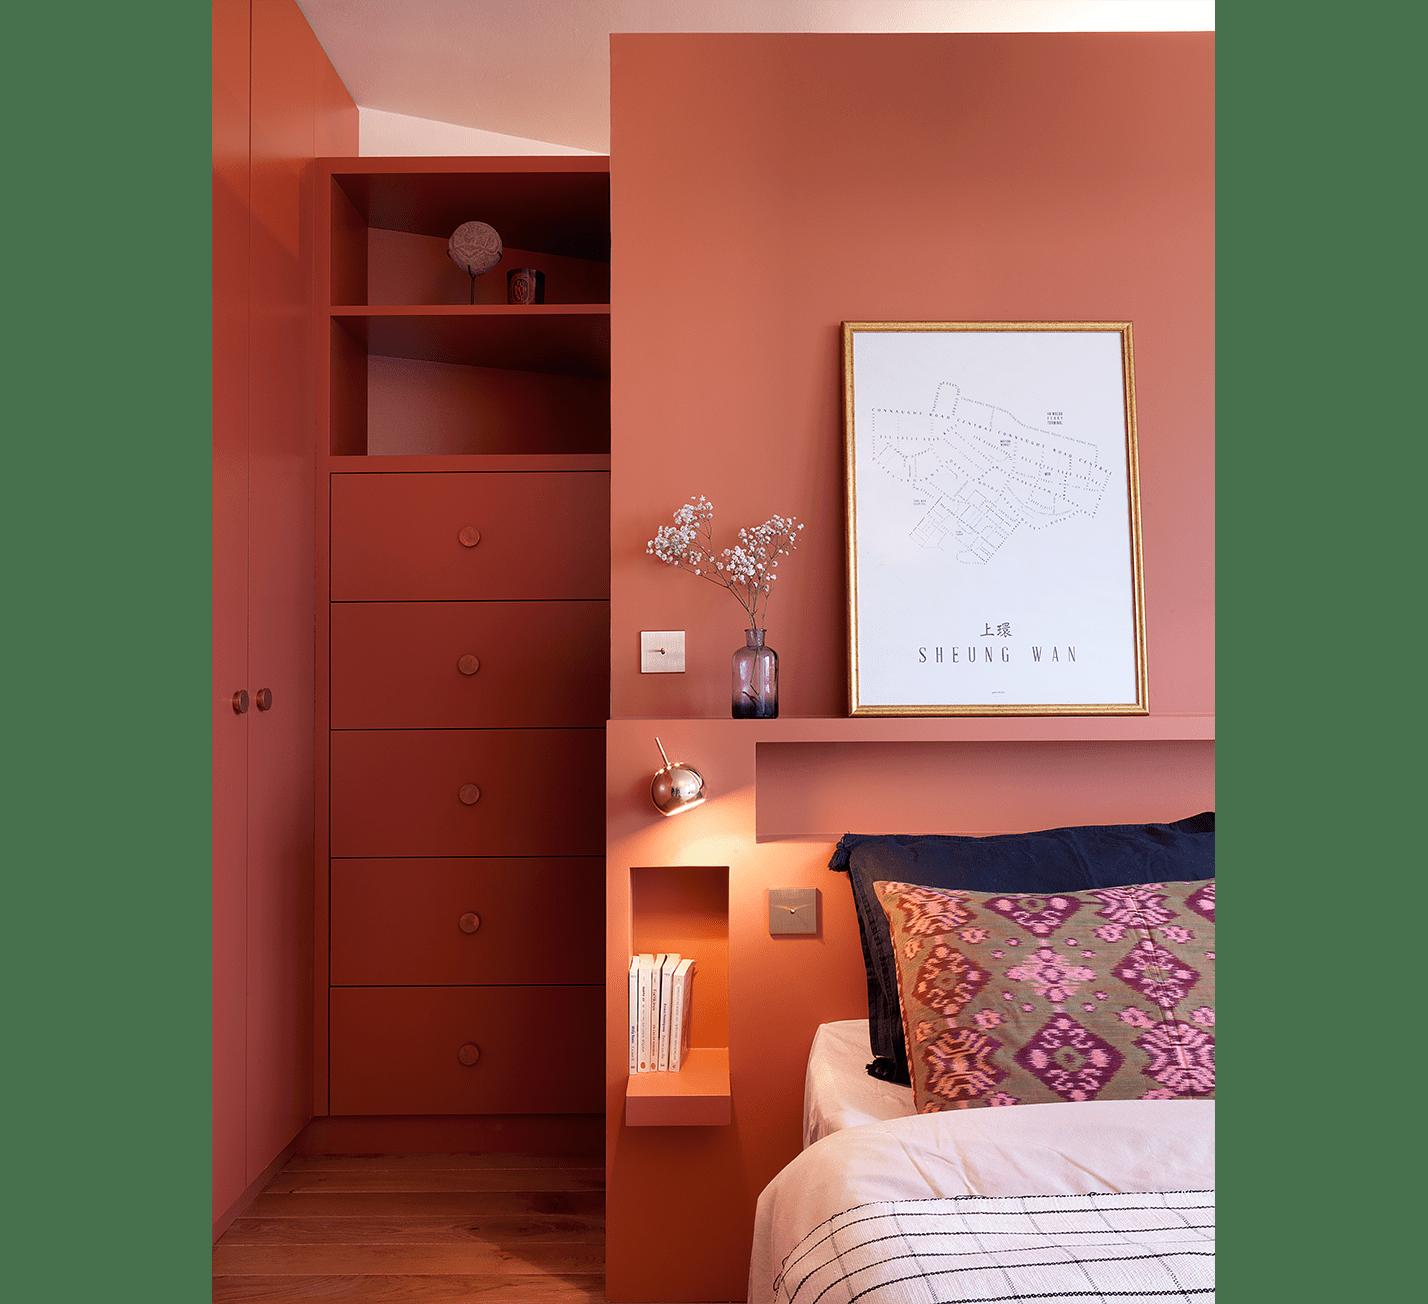 Projet-Est-Atelier-Steve-Pauline-Borgia-Architecture-interieur-02-min